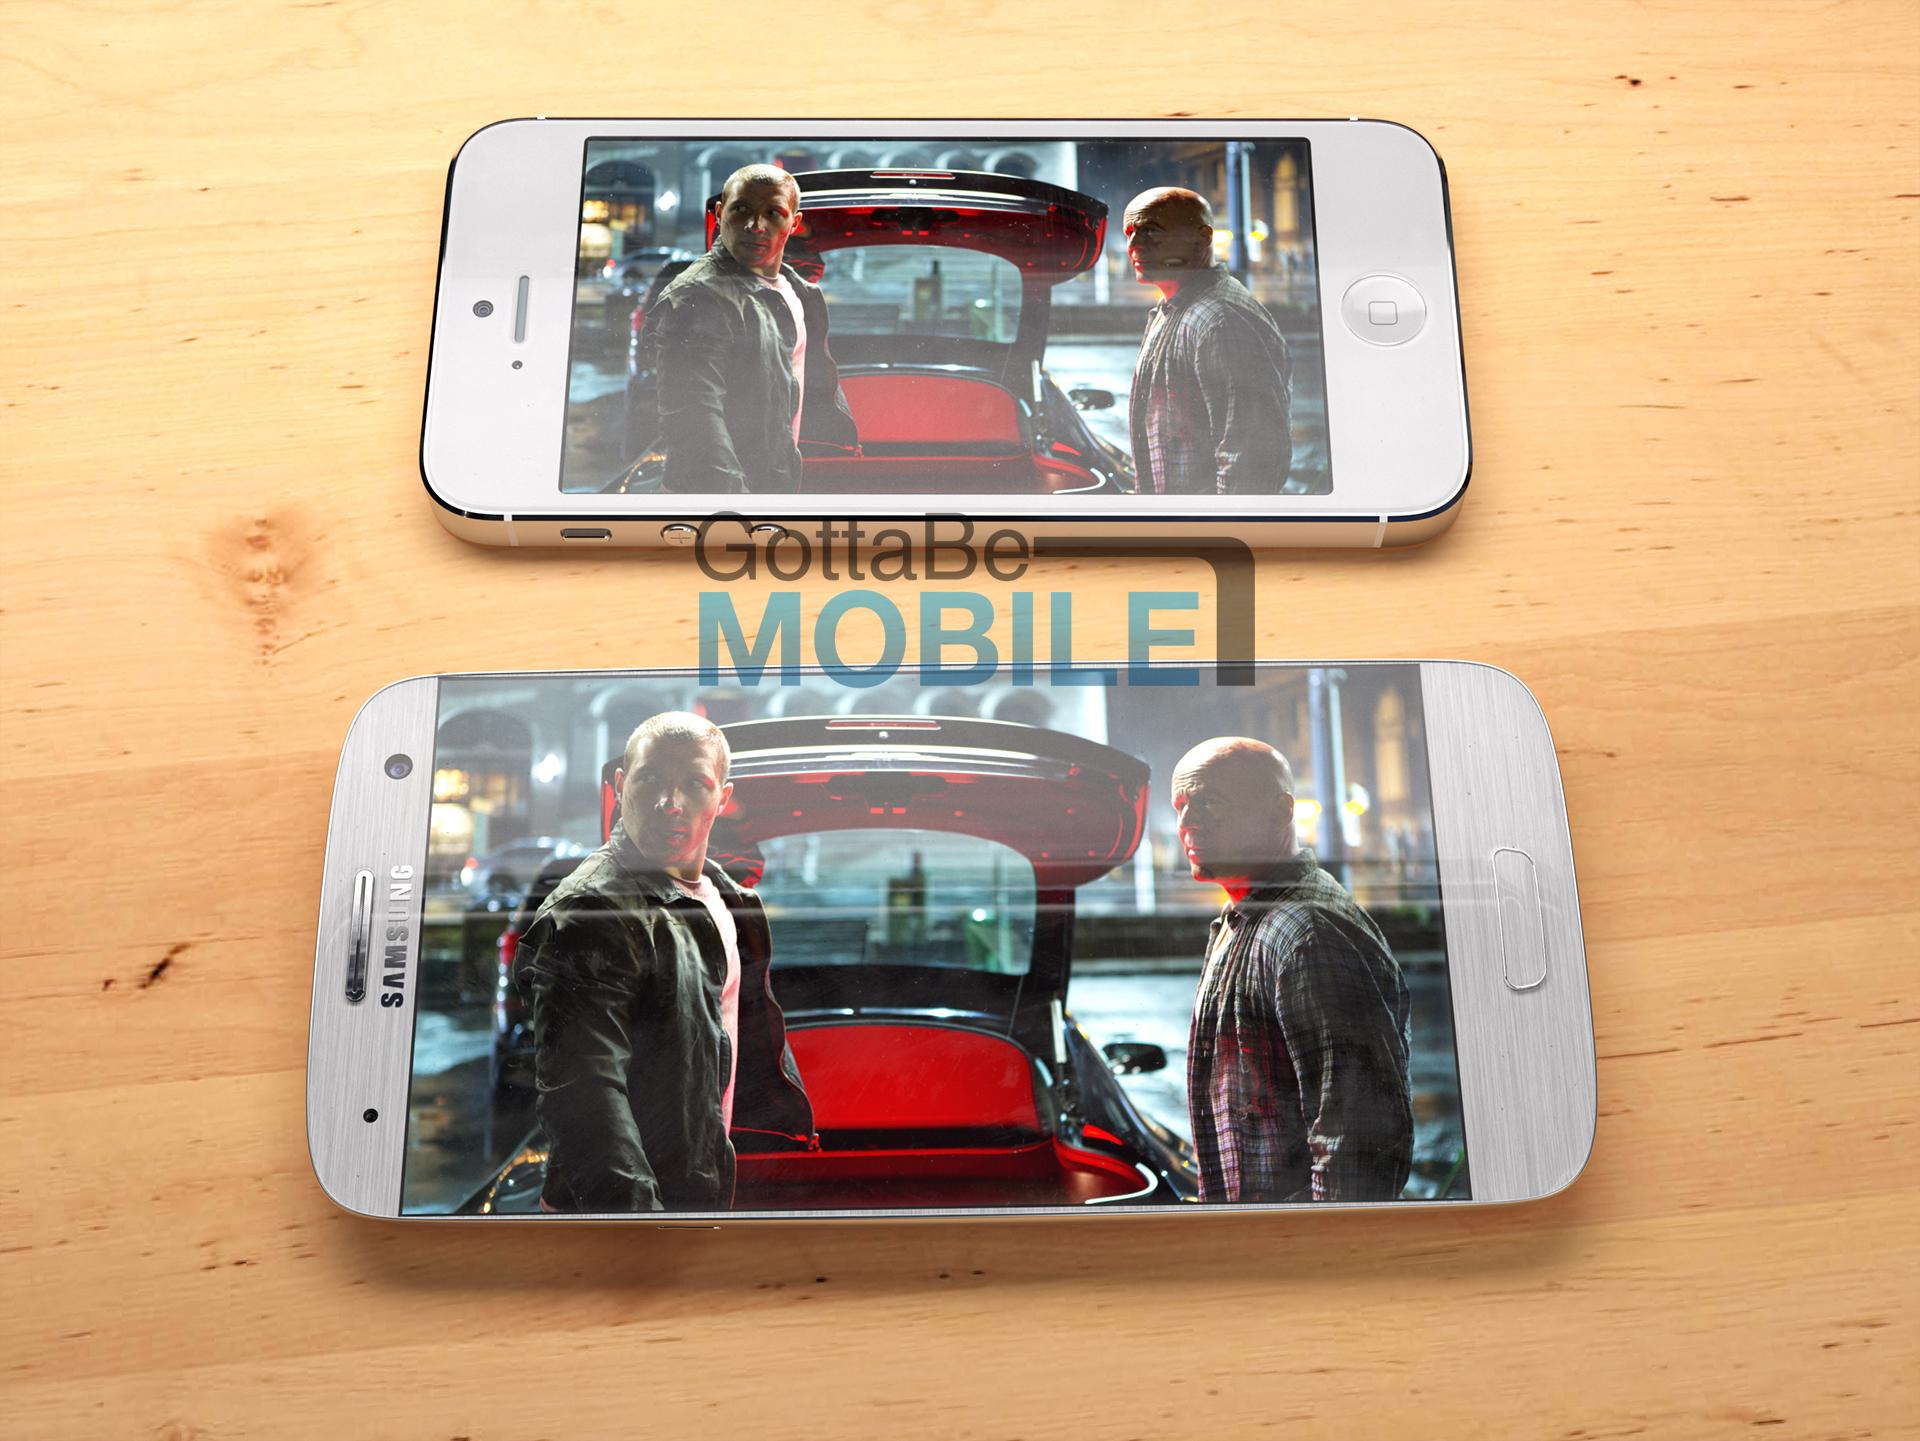 O coneceito do Galaxy S4 comparado ao iPhone 5 (Foto: Reprodução/Gottabemobile)